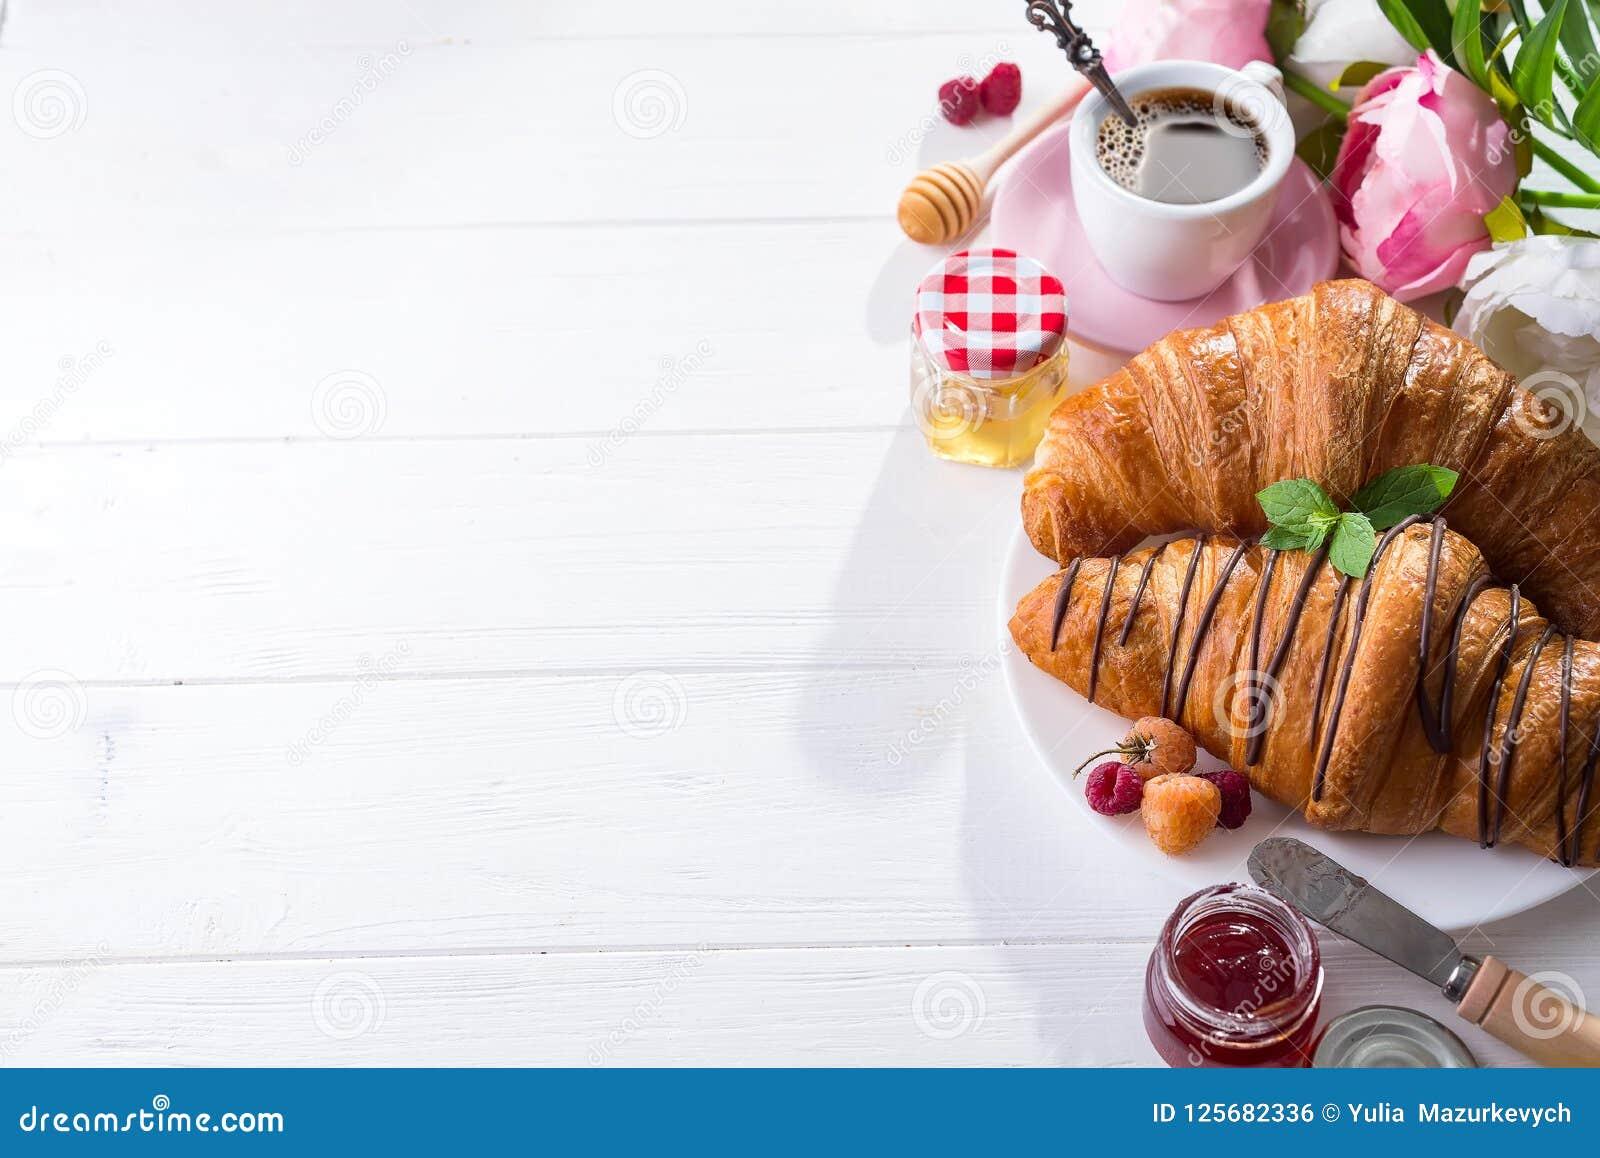 Gebackenes Hörnchen des Frühstücks frisch verziert mit Stau und Schokolade, Blumen auf Holztisch in einer Küche mit Kopienraum